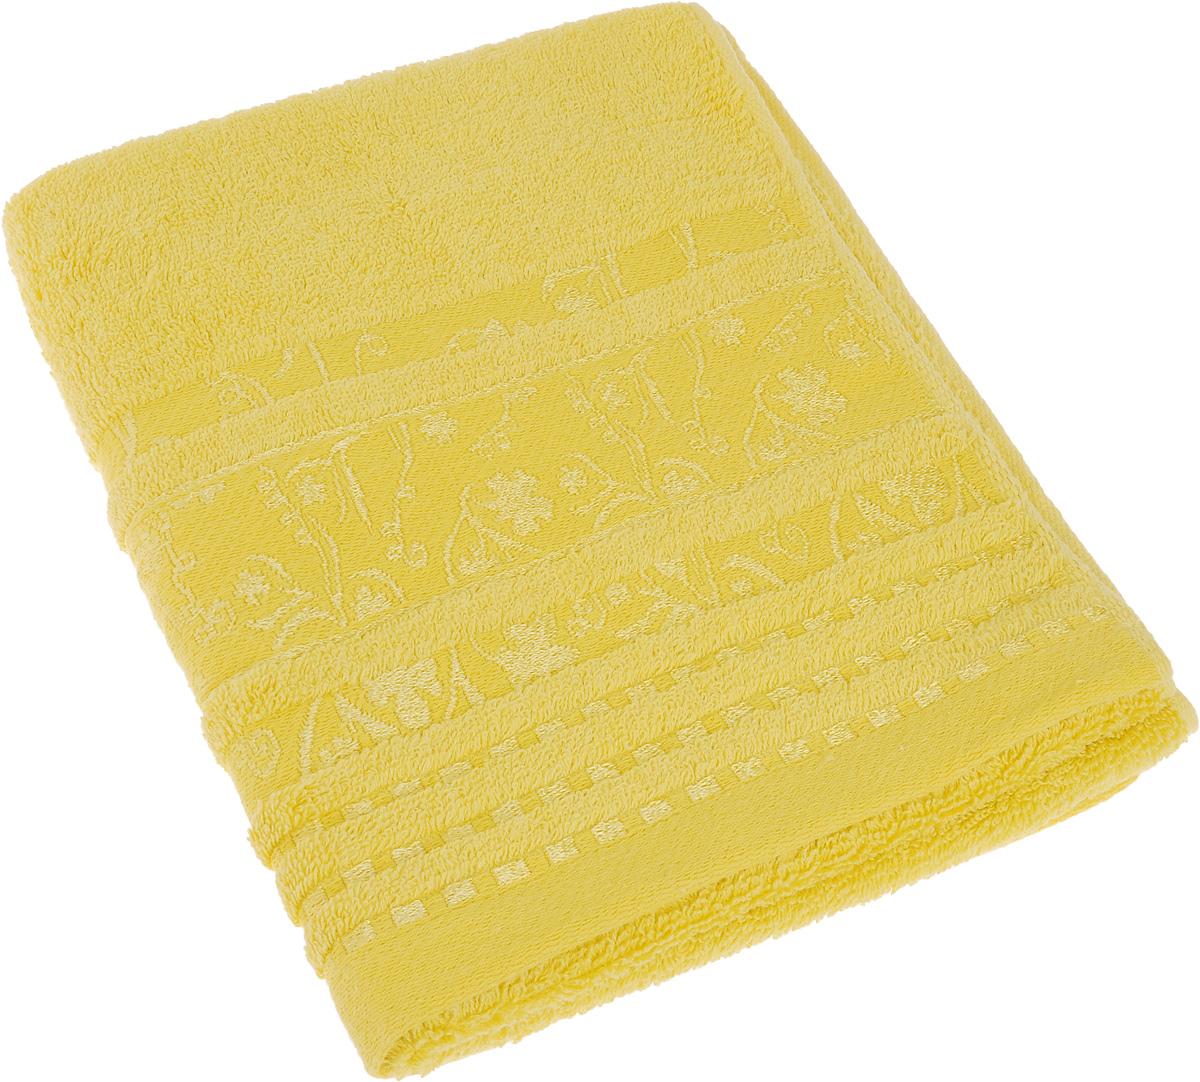 Полотенце Soavita Sandra, цвет: медовый, 50 х 90 см64063Полотенце Soavita Sandra выполнено из 100% хлопка. Изделие отлично впитывает влагу, быстро сохнет, сохраняет яркость цвета и не теряет форму даже после многократных стирок. Полотенце очень практично и неприхотливо в уходе. Оно создаст прекрасное настроение и украсит интерьер в ванной комнате.